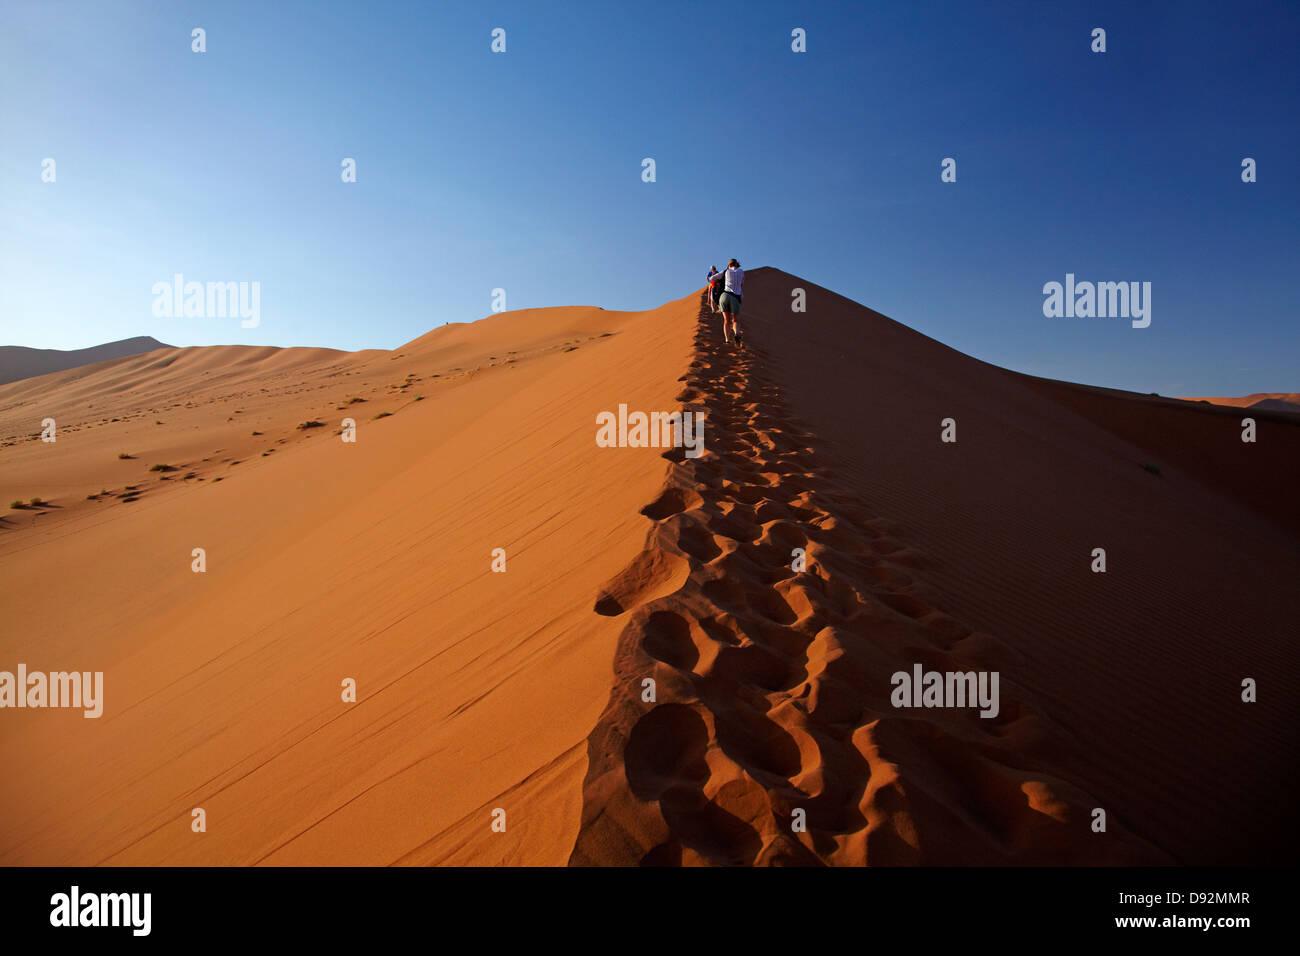 Family climbing sand dune beside Deadvlei, near Sossusvlei, Namib-Naukluft National Park, Namibia, Africa - Stock Image